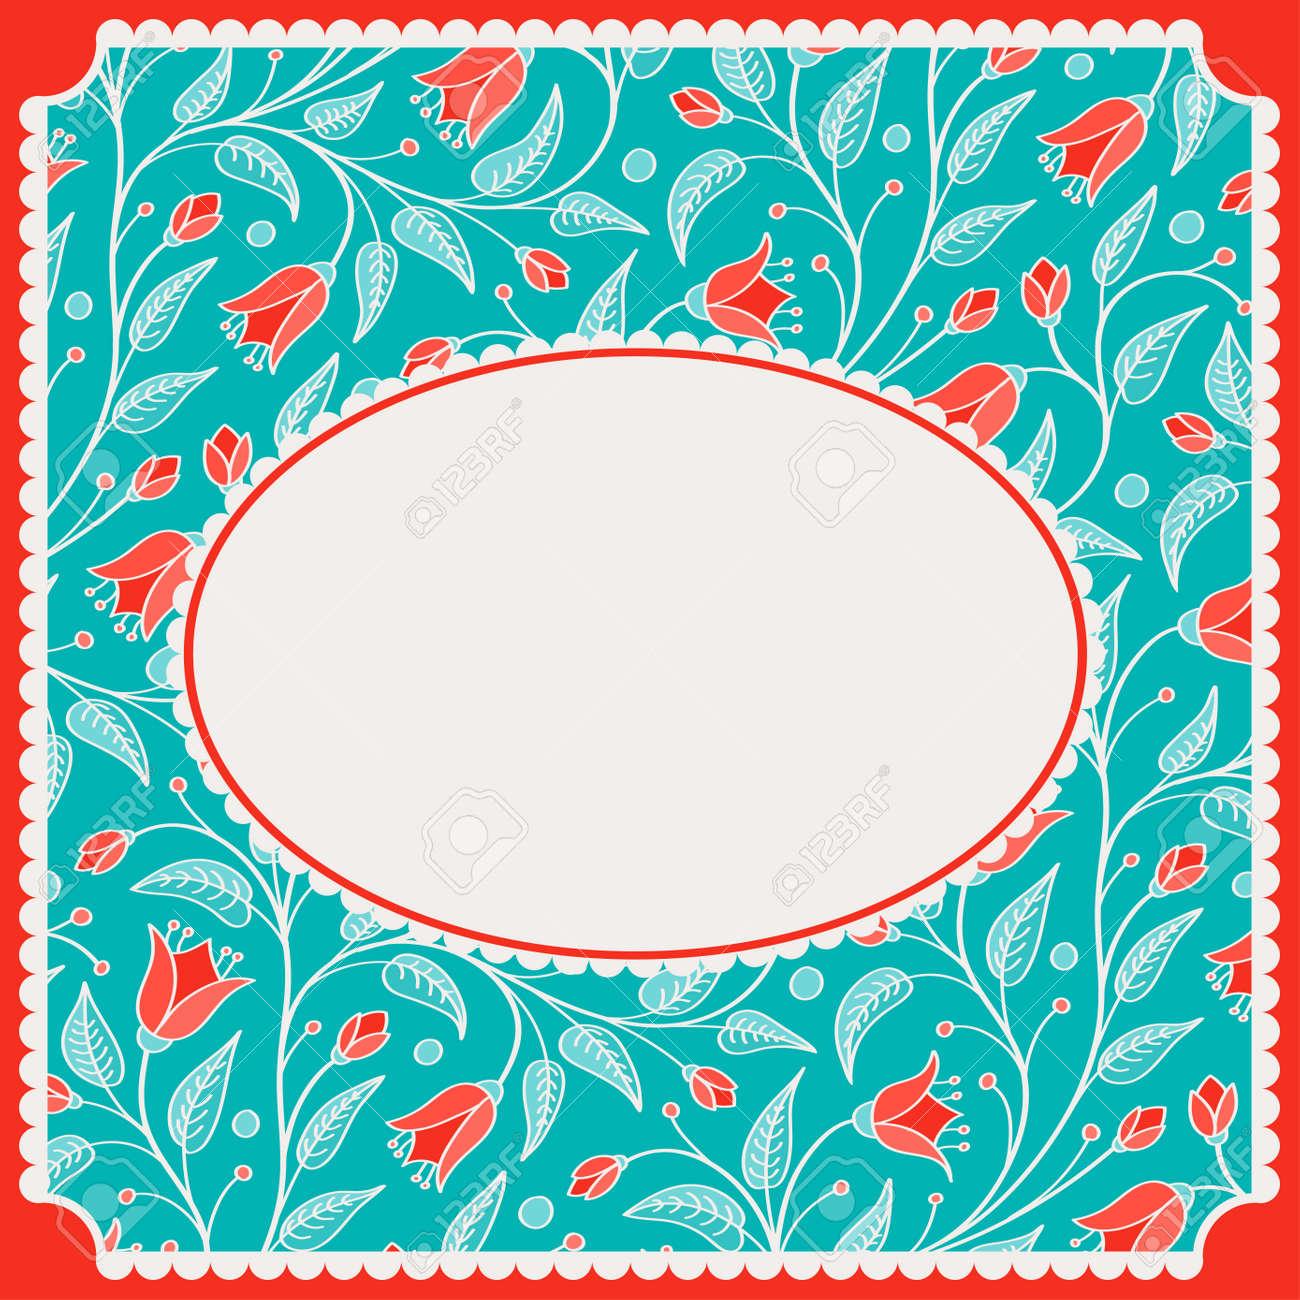 誕生日カードまたは招待の花柄のパターンと無料テンプレートのベクター